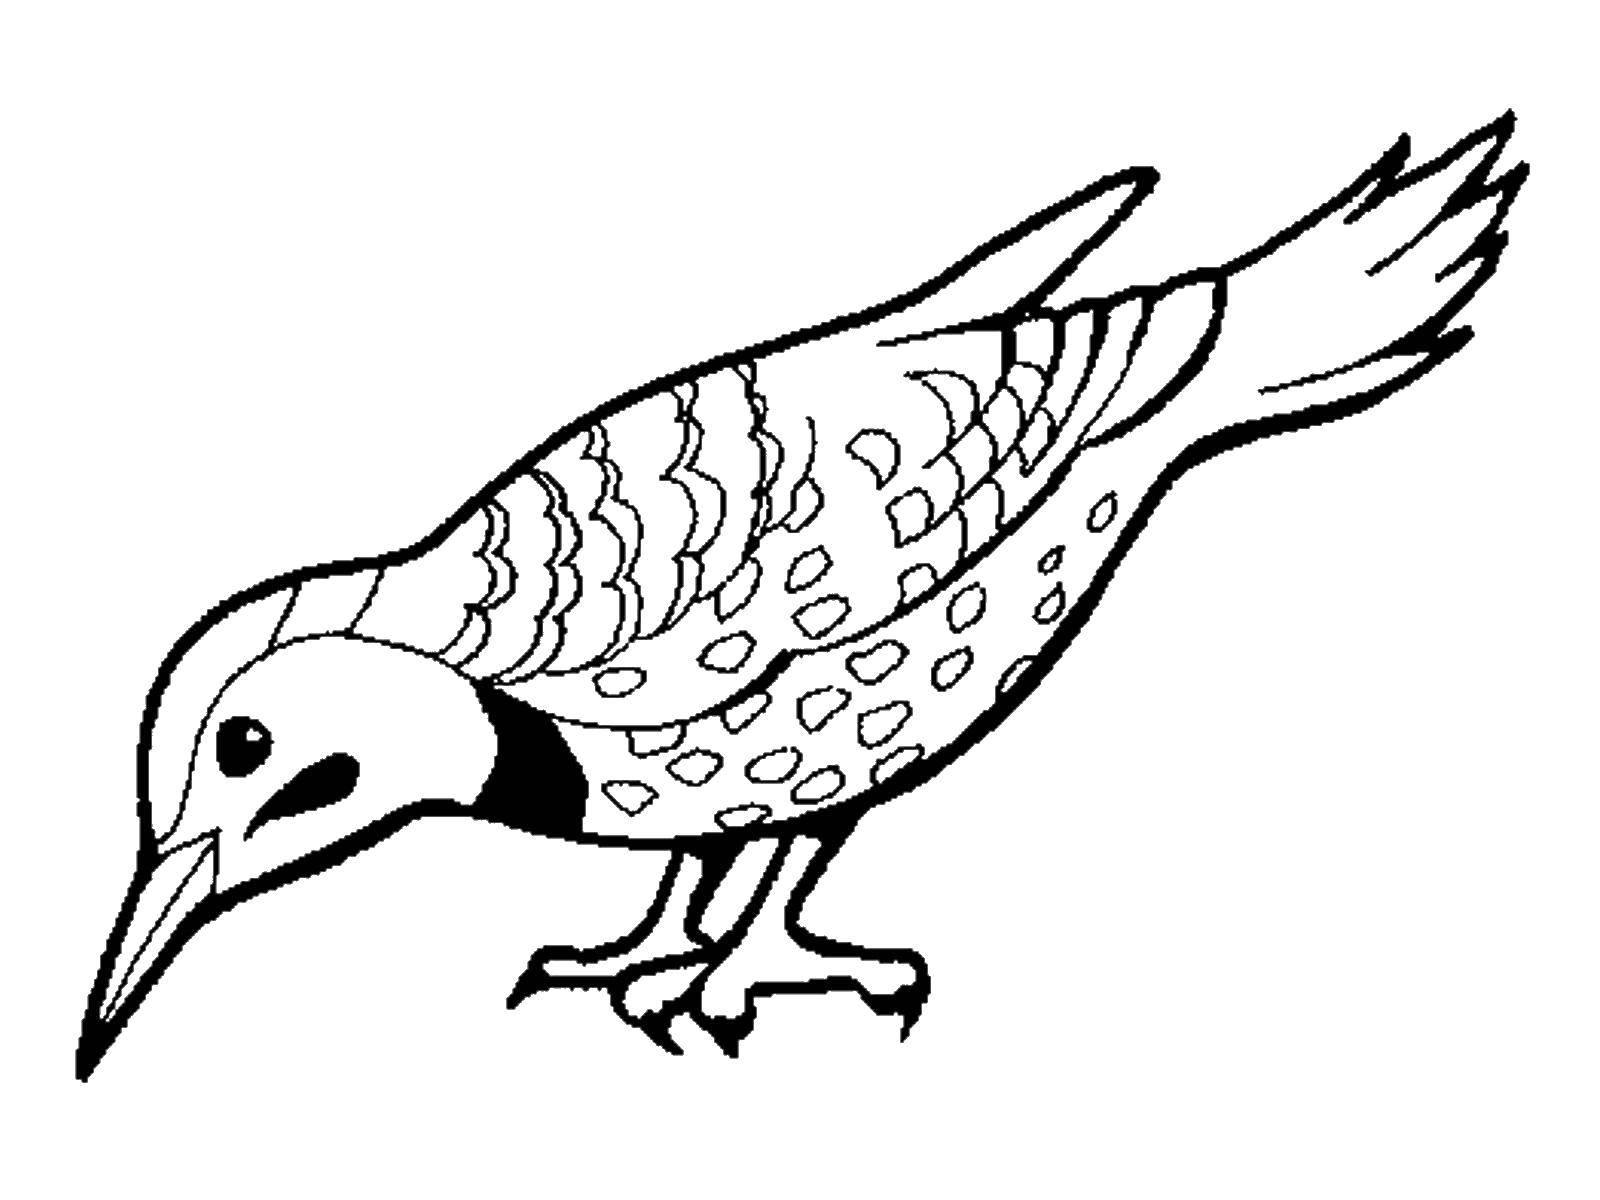 ними распечатать картинки птиц бладлайнс вышла